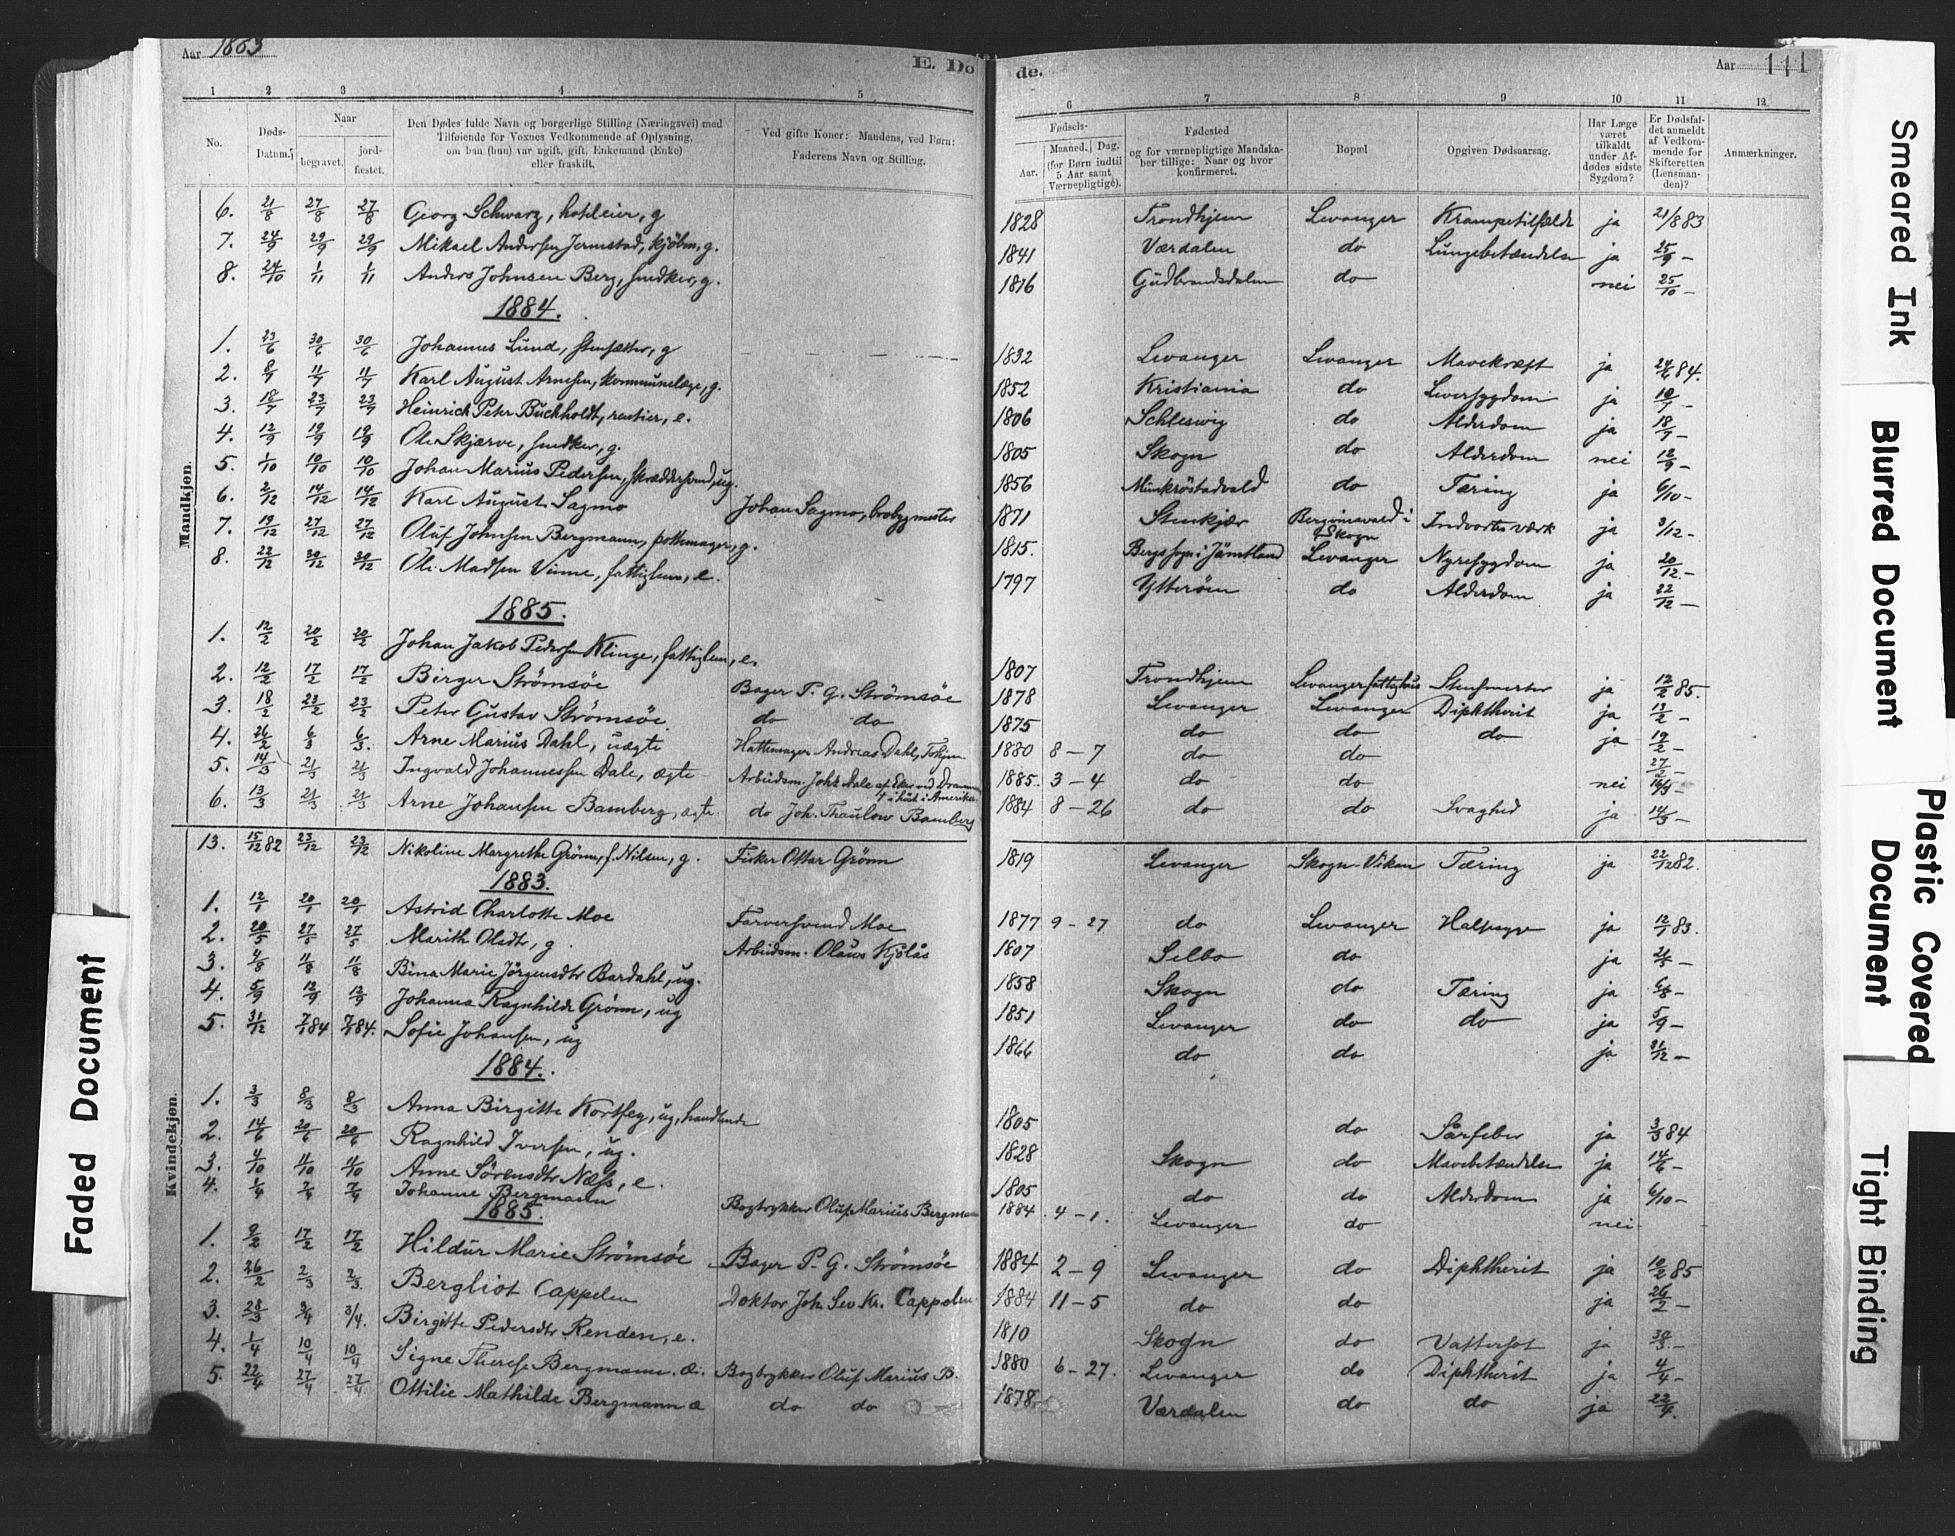 SAT, Ministerialprotokoller, klokkerbøker og fødselsregistre - Nord-Trøndelag, 720/L0189: Ministerialbok nr. 720A05, 1880-1911, s. 111